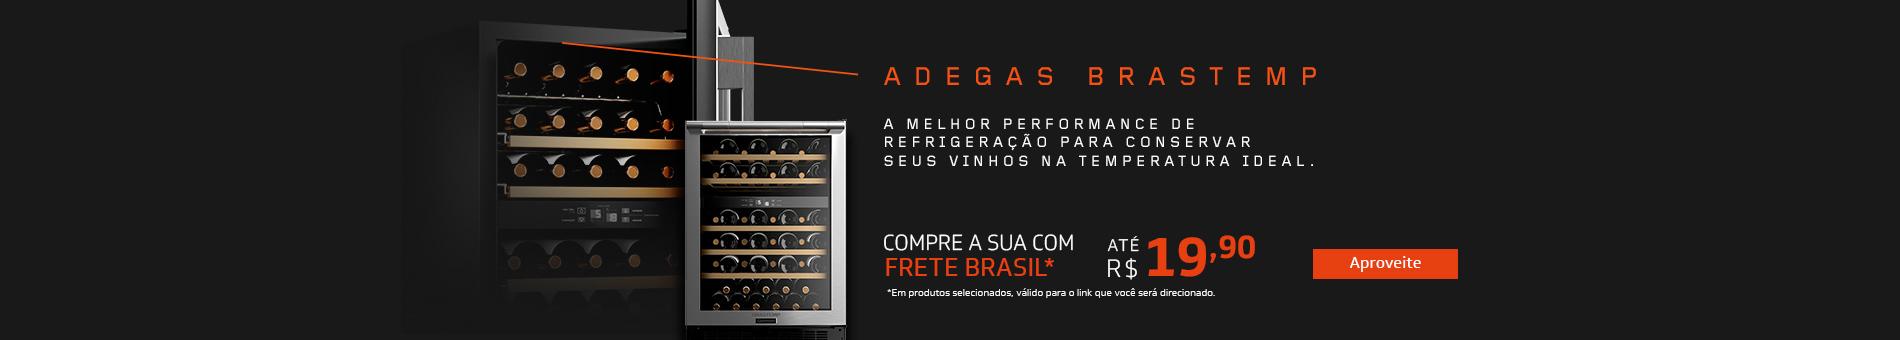 Promoção Interna - 2184 - camp-generica_adegas-frete_20022018_home6 - adegas-frete - 6